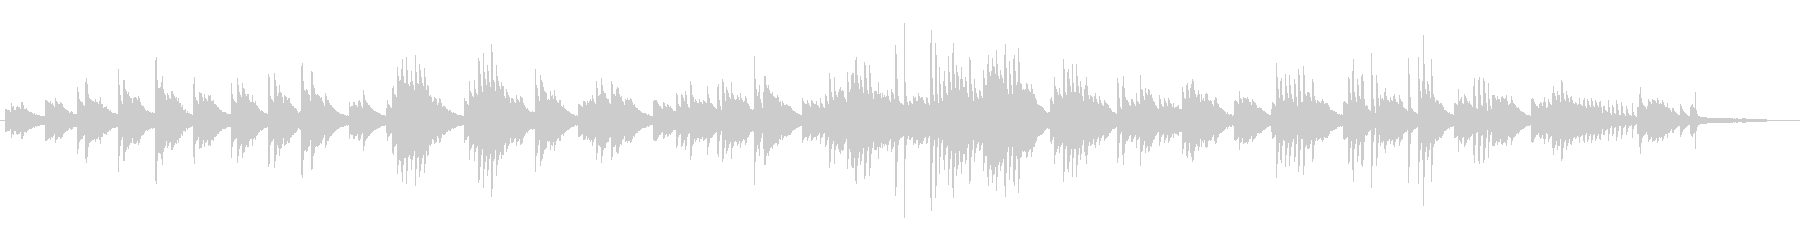 CM BGMに 静寂 癒しのピアノソロの未再生の波形